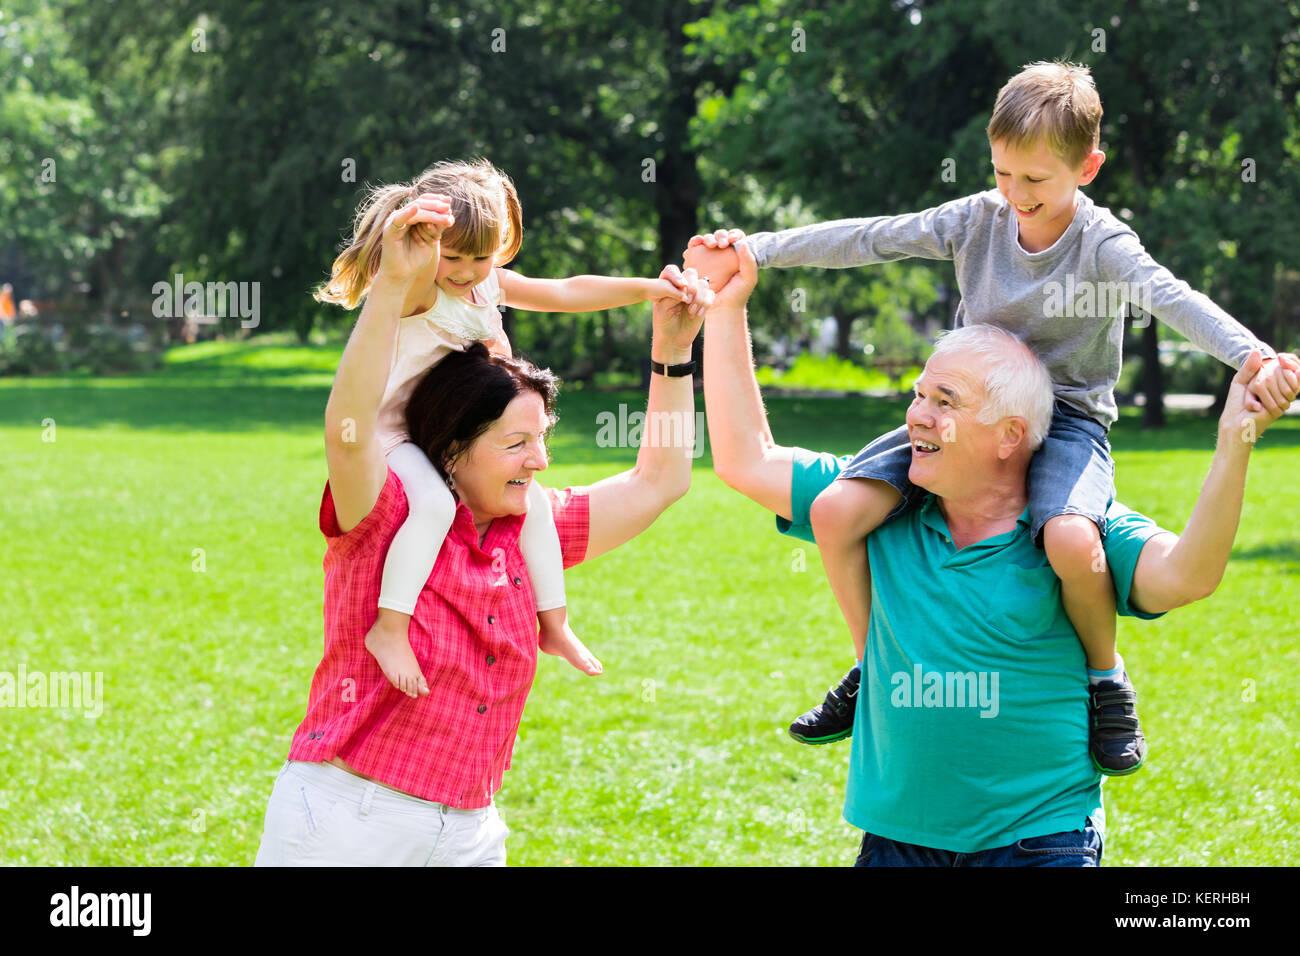 Felici i nonni anziani divertimento piggyback ride con i bambini insieme in posizione di parcheggio Immagini Stock